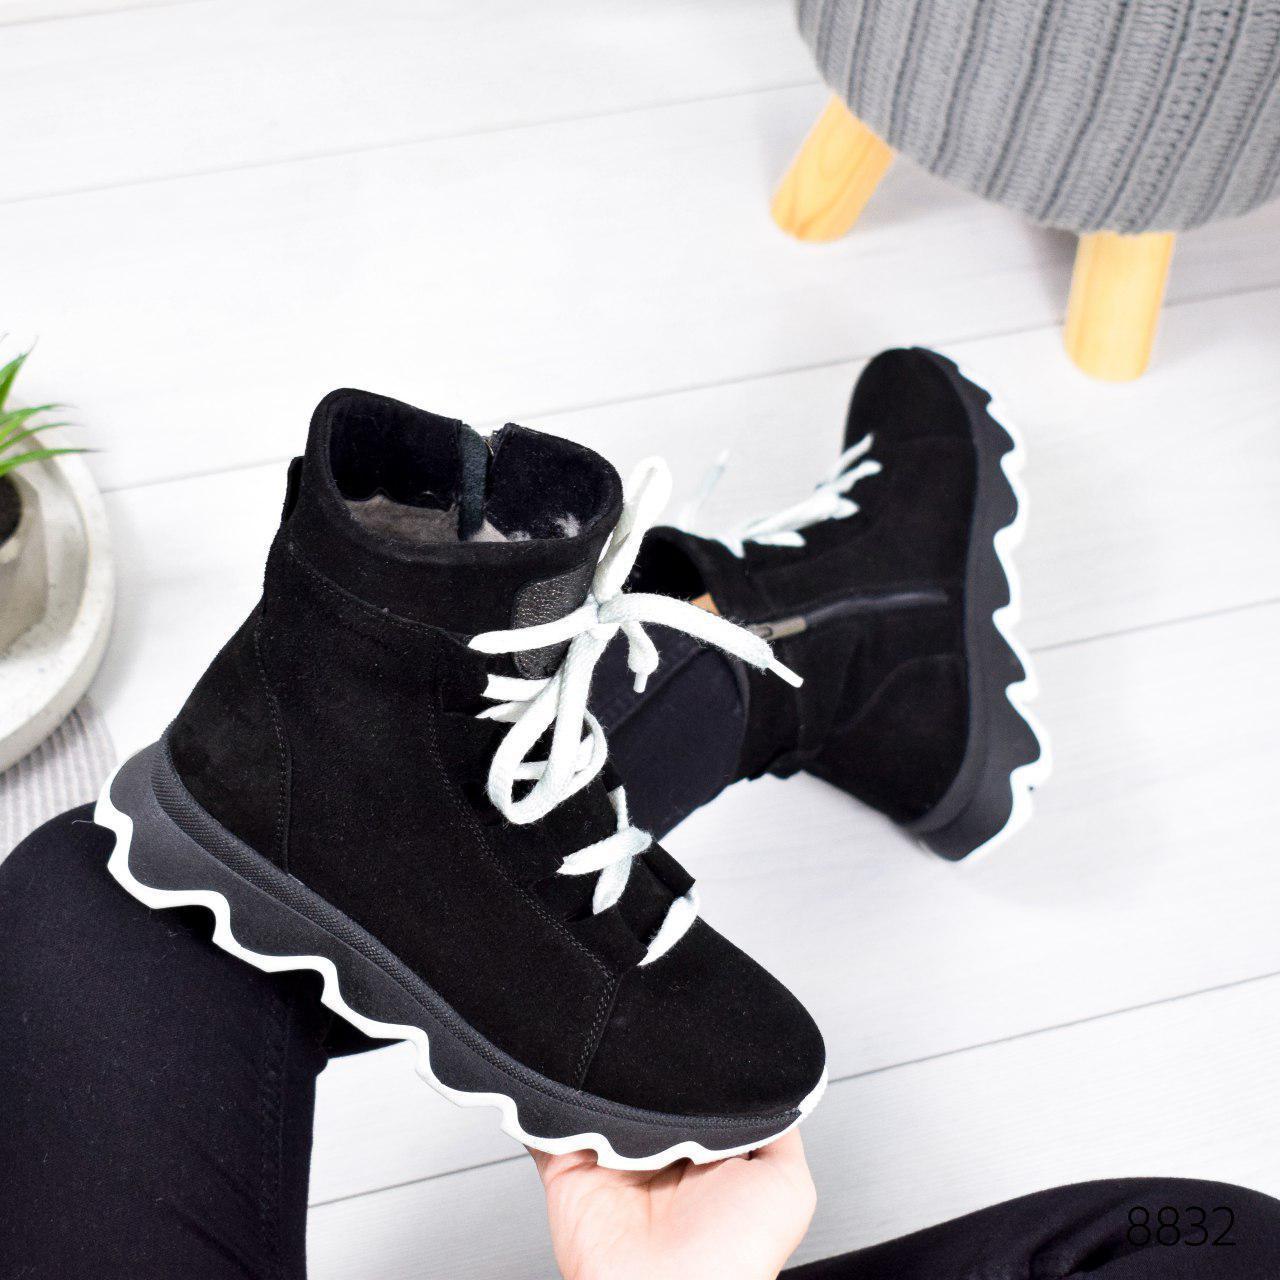 """Ботинки женские зимние, черного цвета из натуральной замши """"8832"""". Черевики жіночі. Ботинки теплые"""